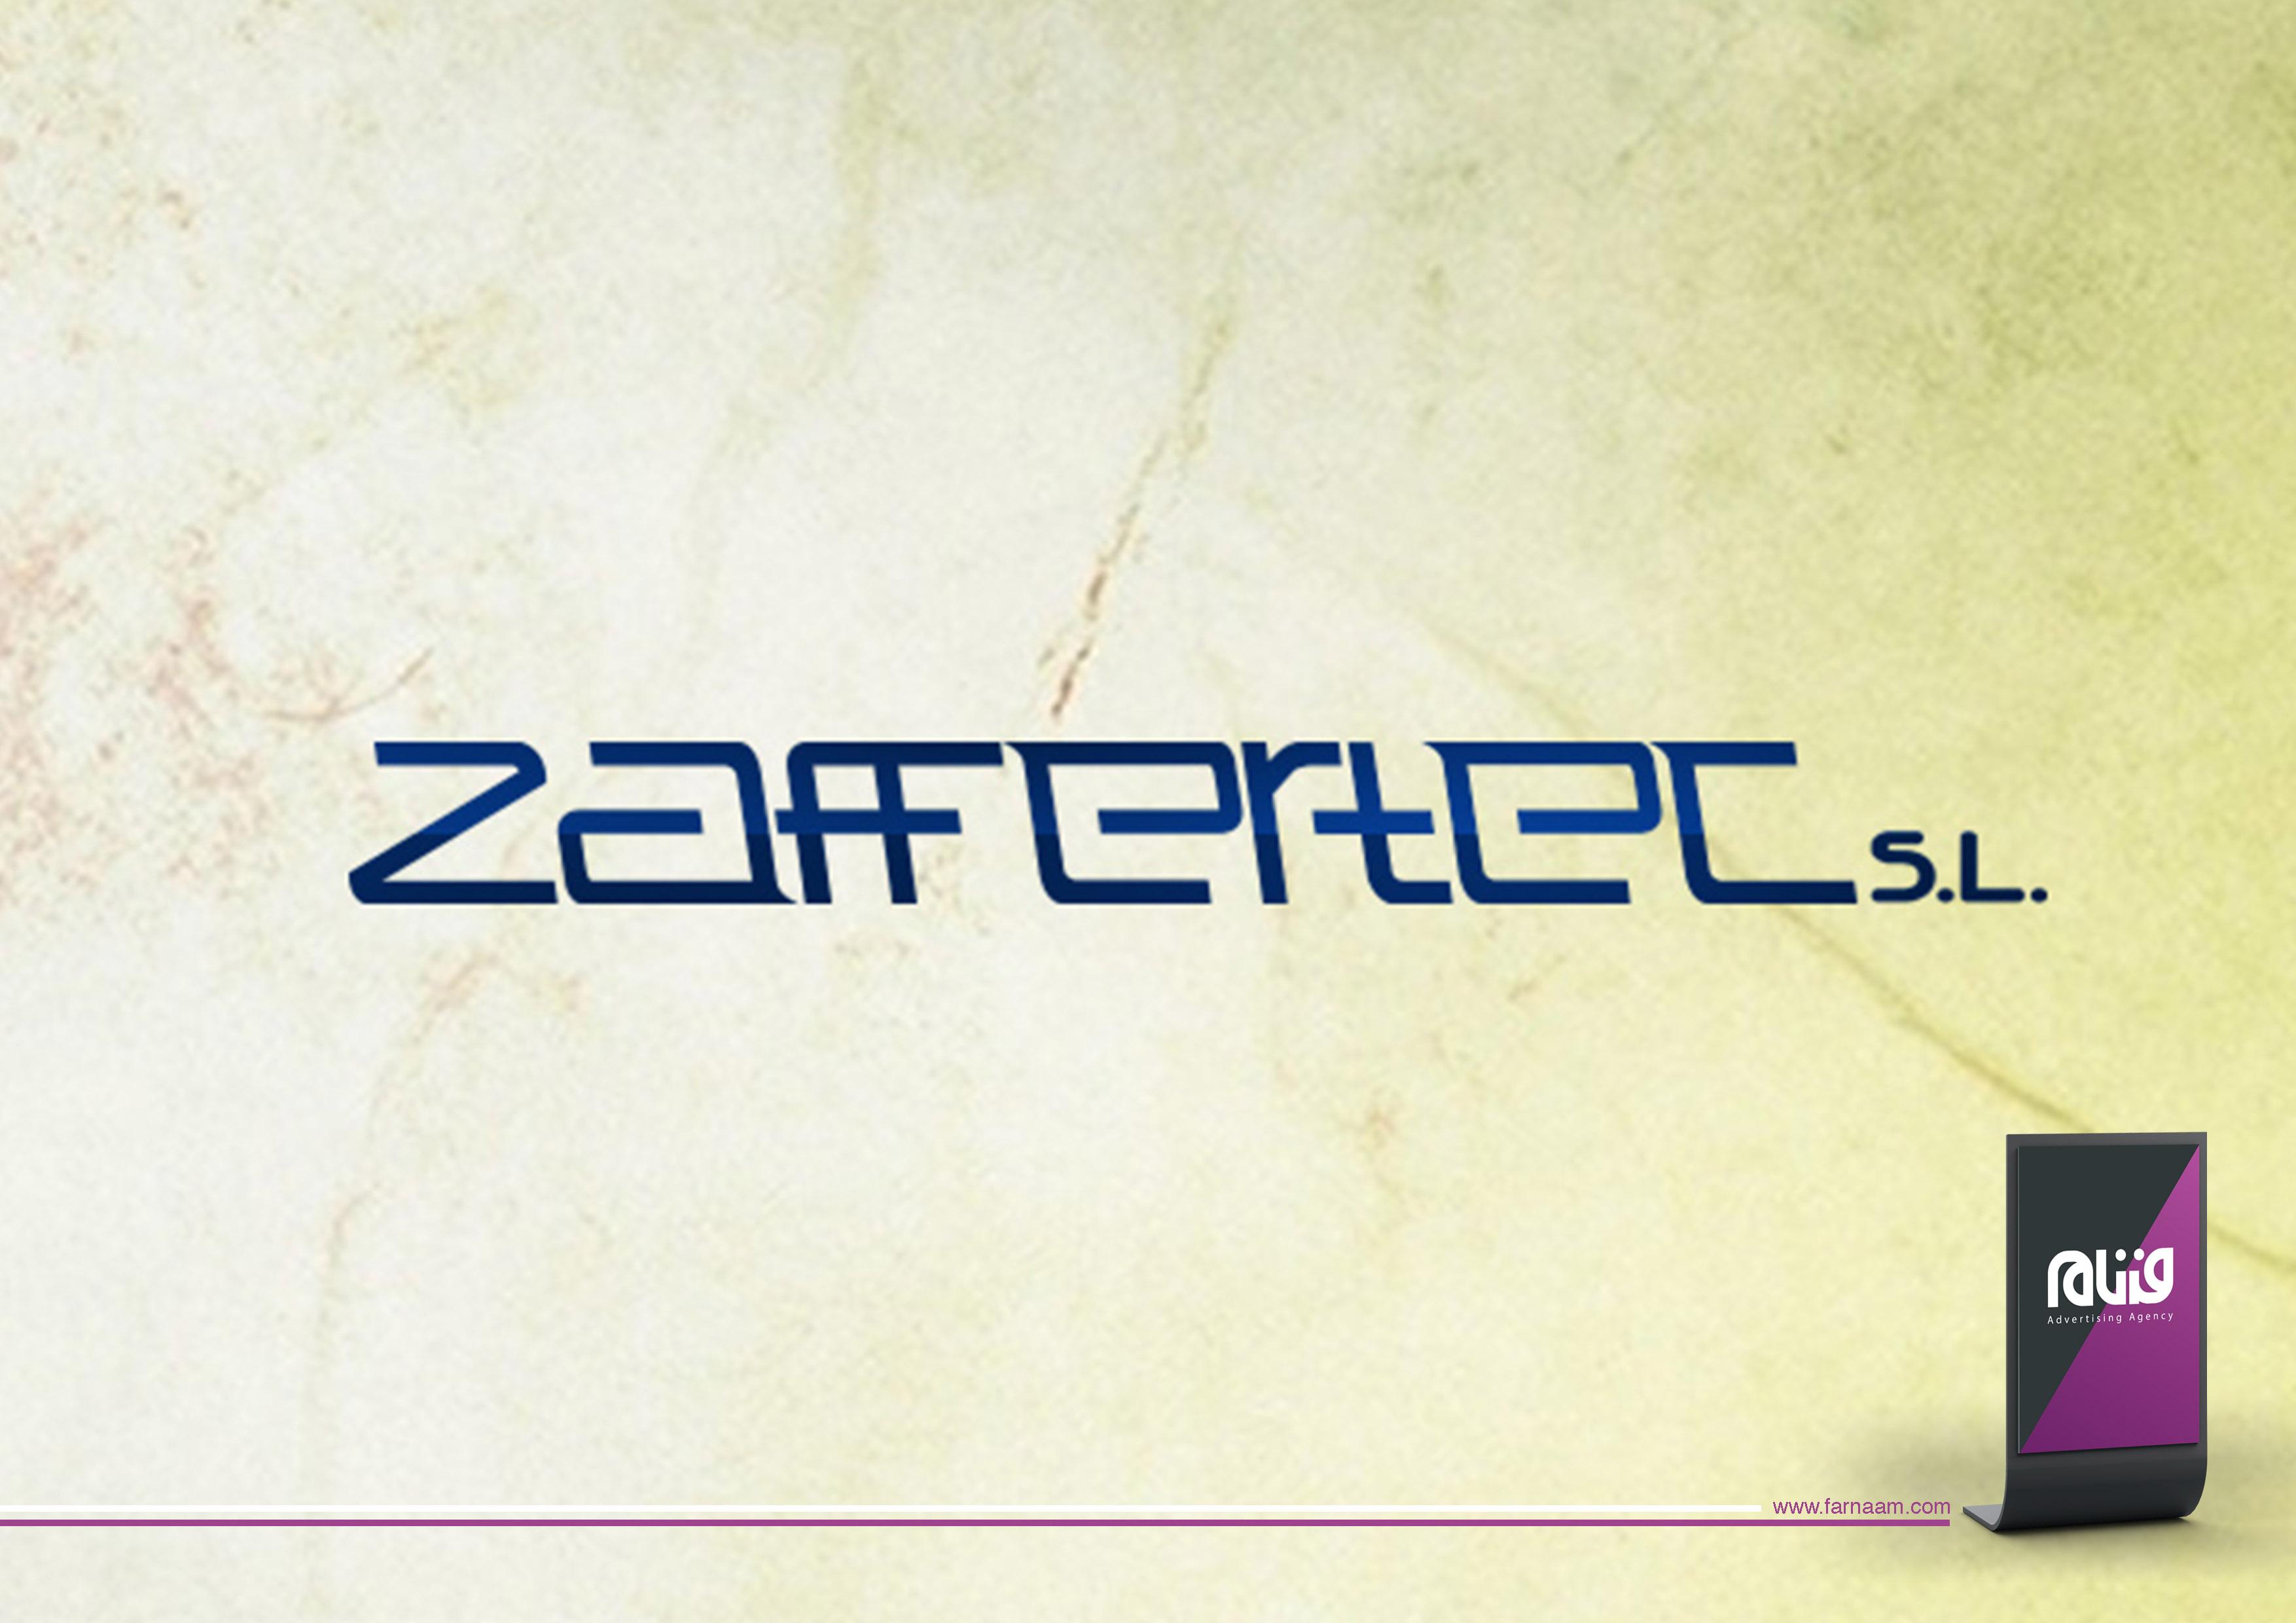 طراحی لوگو Zaffertec